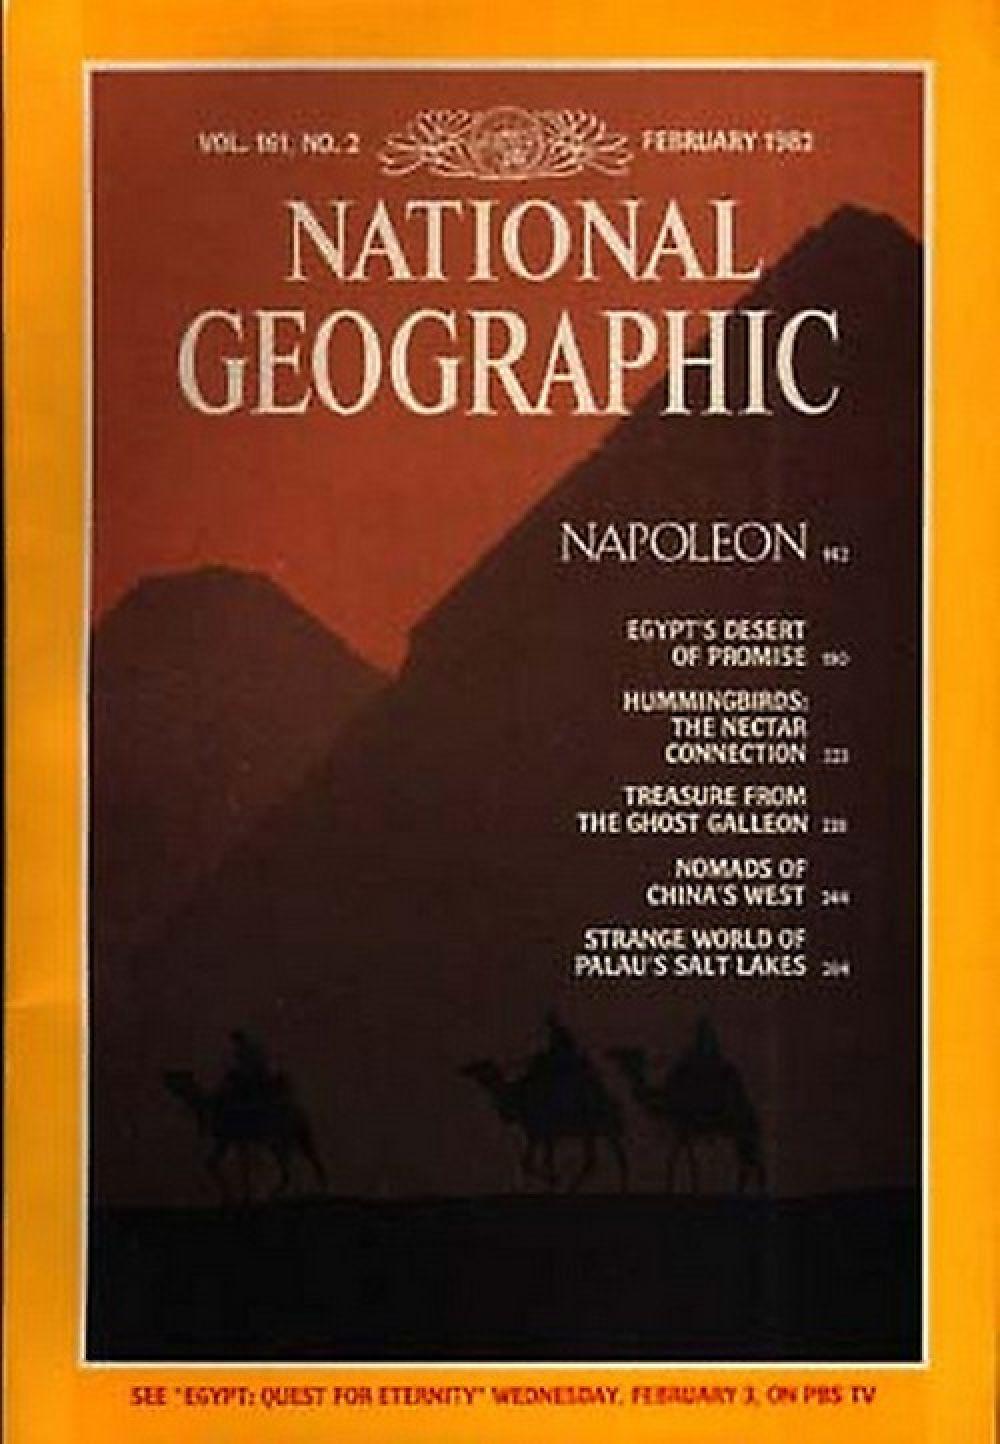 В 1982 году, чтобы уместить на обложке две египетских пирамиды редакторы известного журнала решили переместить одну из них.